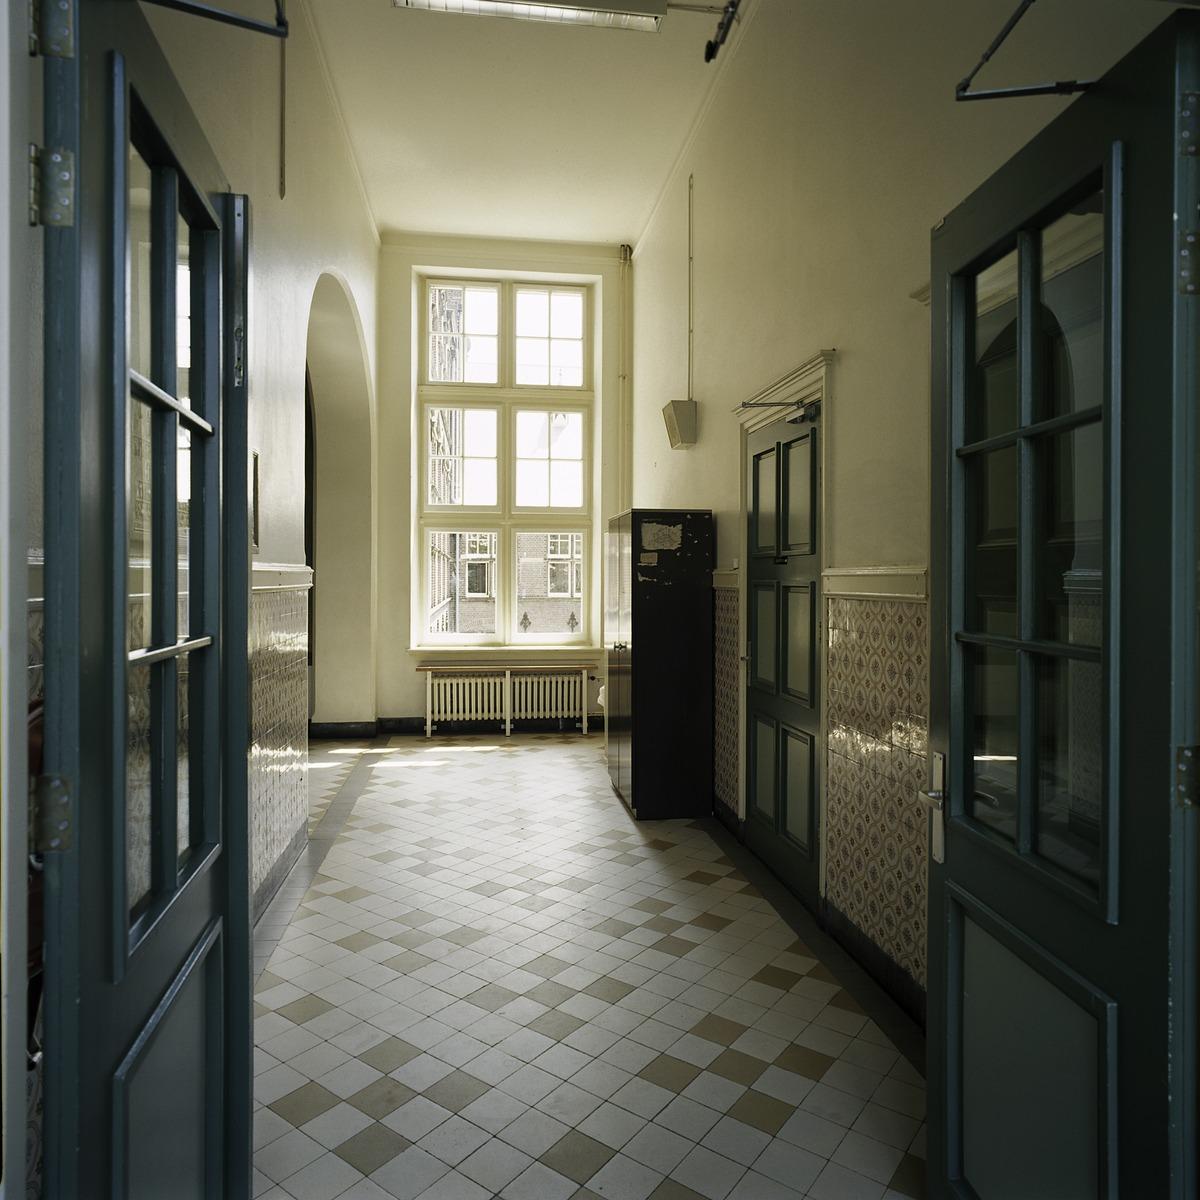 File interieur overzicht van een gang met een lambrisering van geglazuurde tegels en tegelvloer - Een gang ...